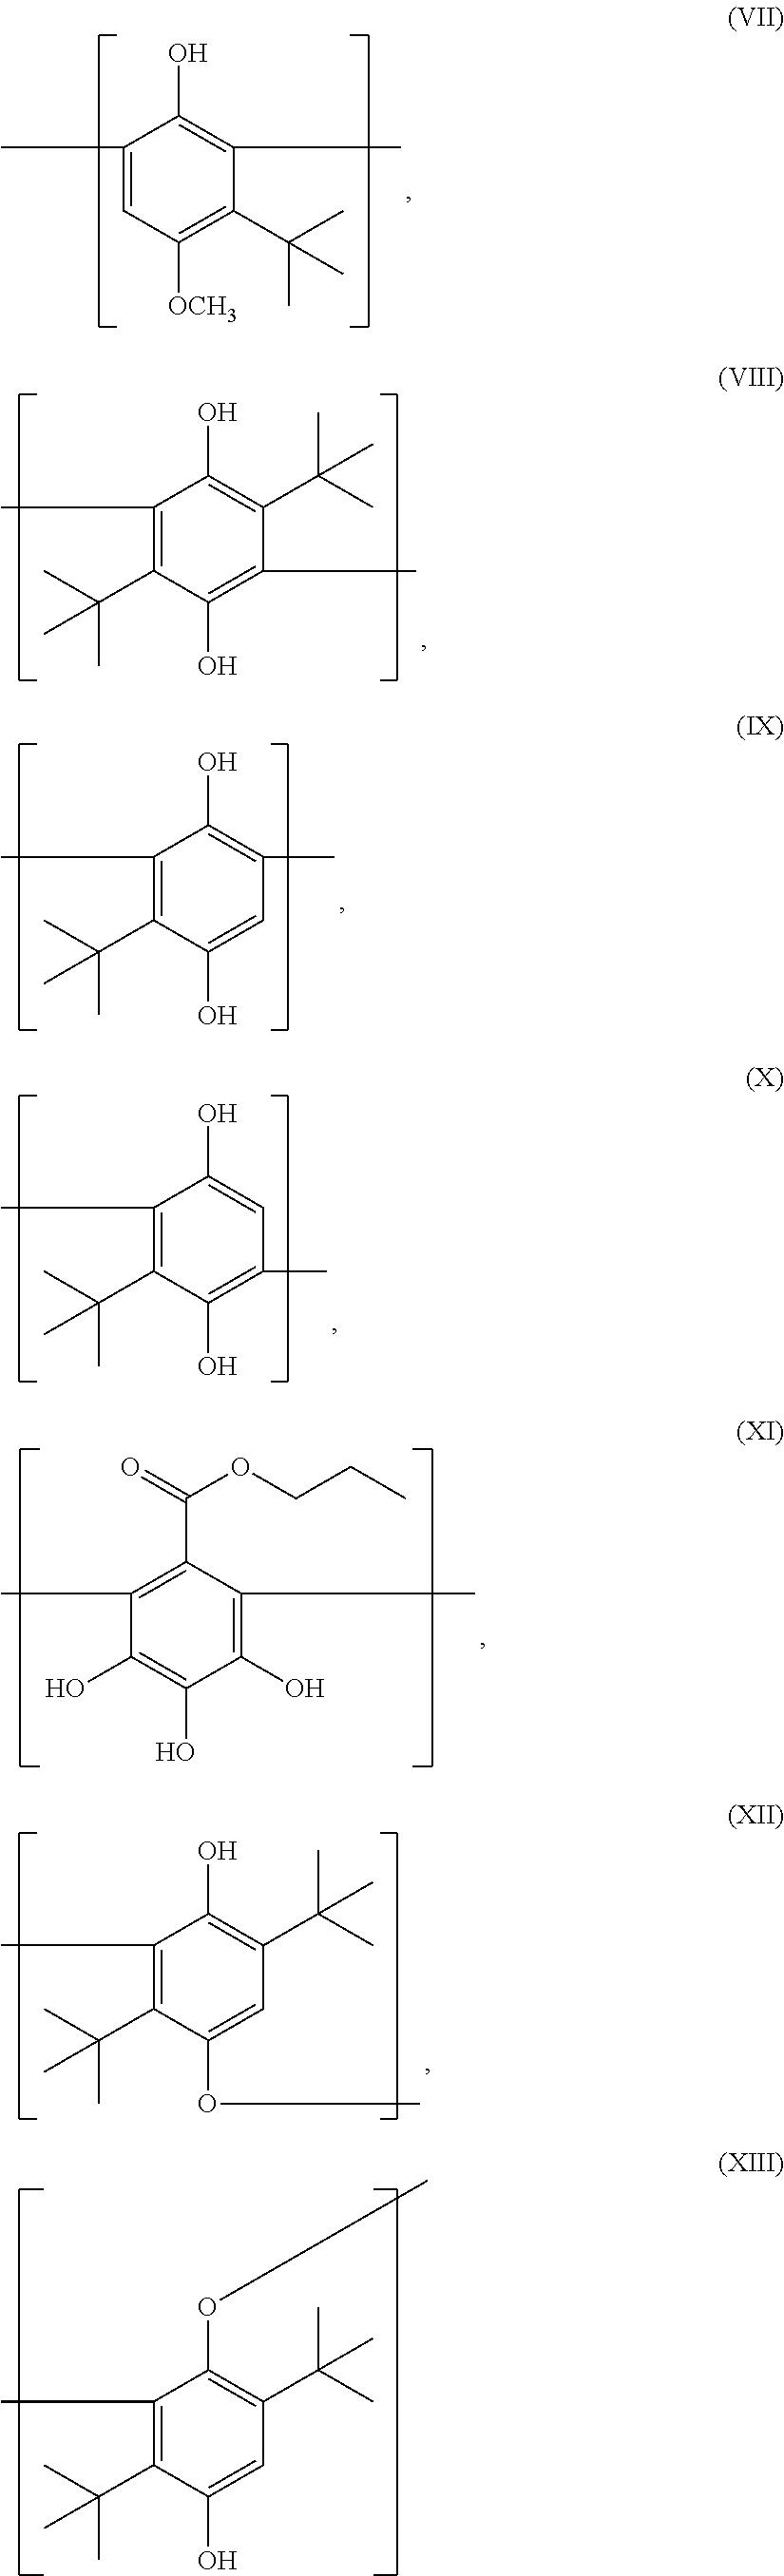 Figure US09523060-20161220-C00004